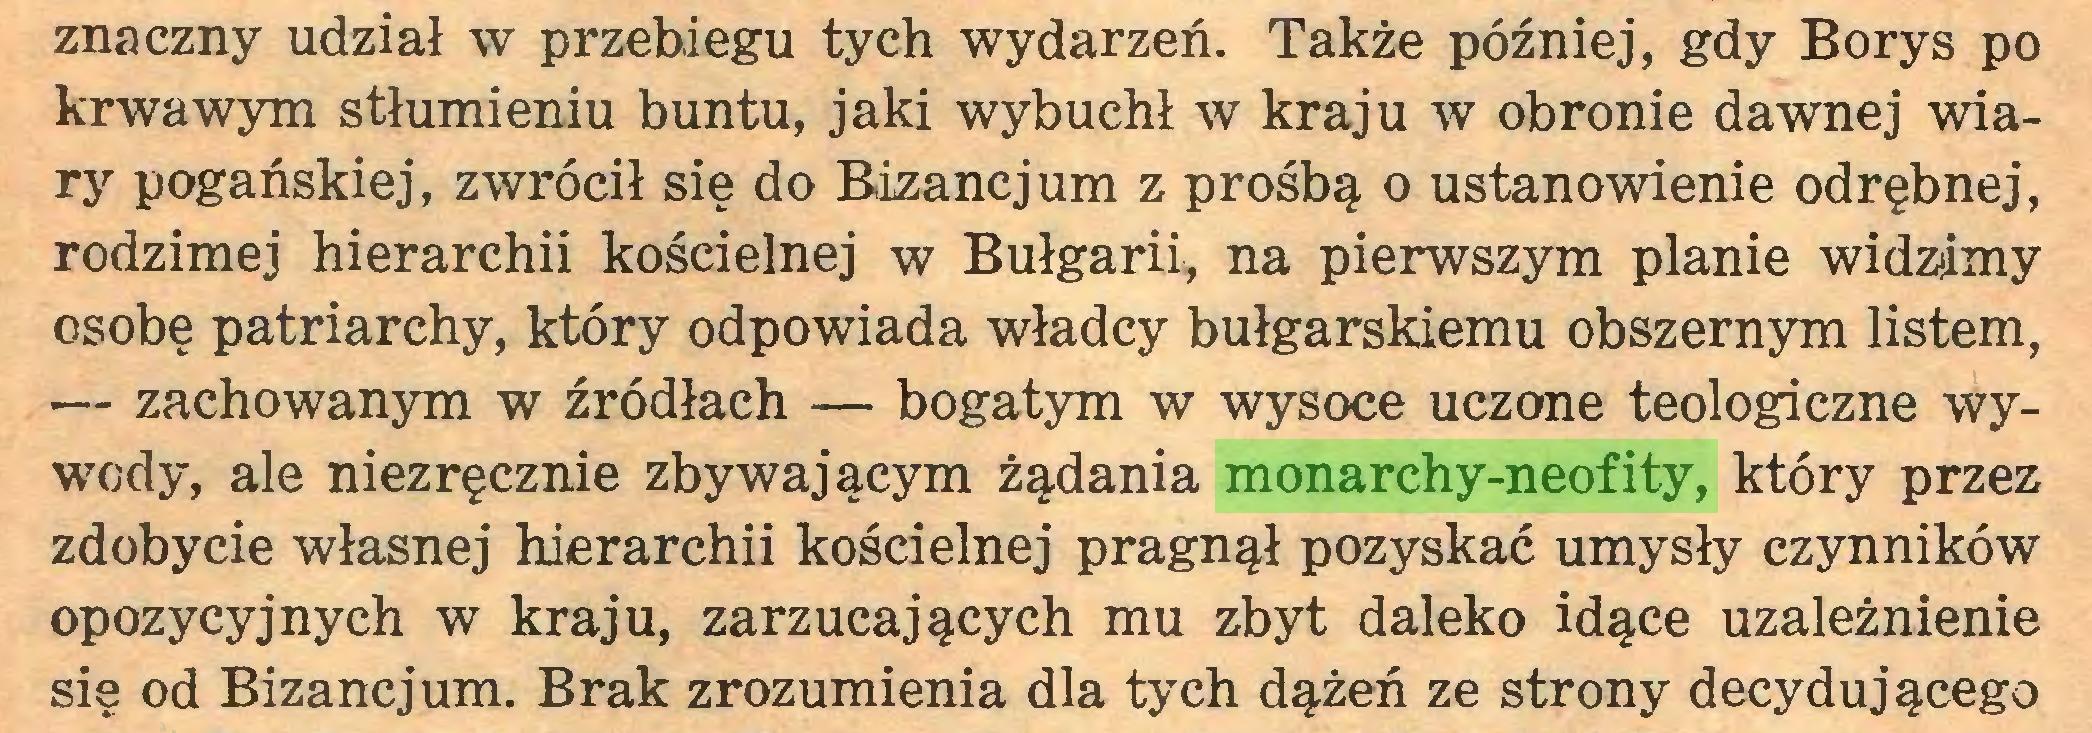 (...) znaczny udział w przebiegu tych wydarzeń. Także później, gdy Borys po krwawym stłumieniu buntu, jaki wybuchł w kraju w obronie dawnej wiary pogańskiej, zwrócił się do Bizancjum z prośbą o ustanowienie odrębnej, rodzimej hierarchii kościelnej w Bułgarii,, na pierwszym planie widzimy osobę patriarchy, który odpowiada władcy bułgarskiemu obszernym listem, — zachowanym w źródłach — bogatym w wysoce uczone teologiczne wywody, ale niezręcznie zbywającym żądania monarchy-neofity, który przez zdobycie własnej hierarchii kościelnej pragnął pozyskać umysły czynników opozycyjnych w kraju, zarzucających mu zbyt daleko idące uzależnienie się od Bizancjum. Brak zrozumienia dla tych dążeń ze strony decydującego...